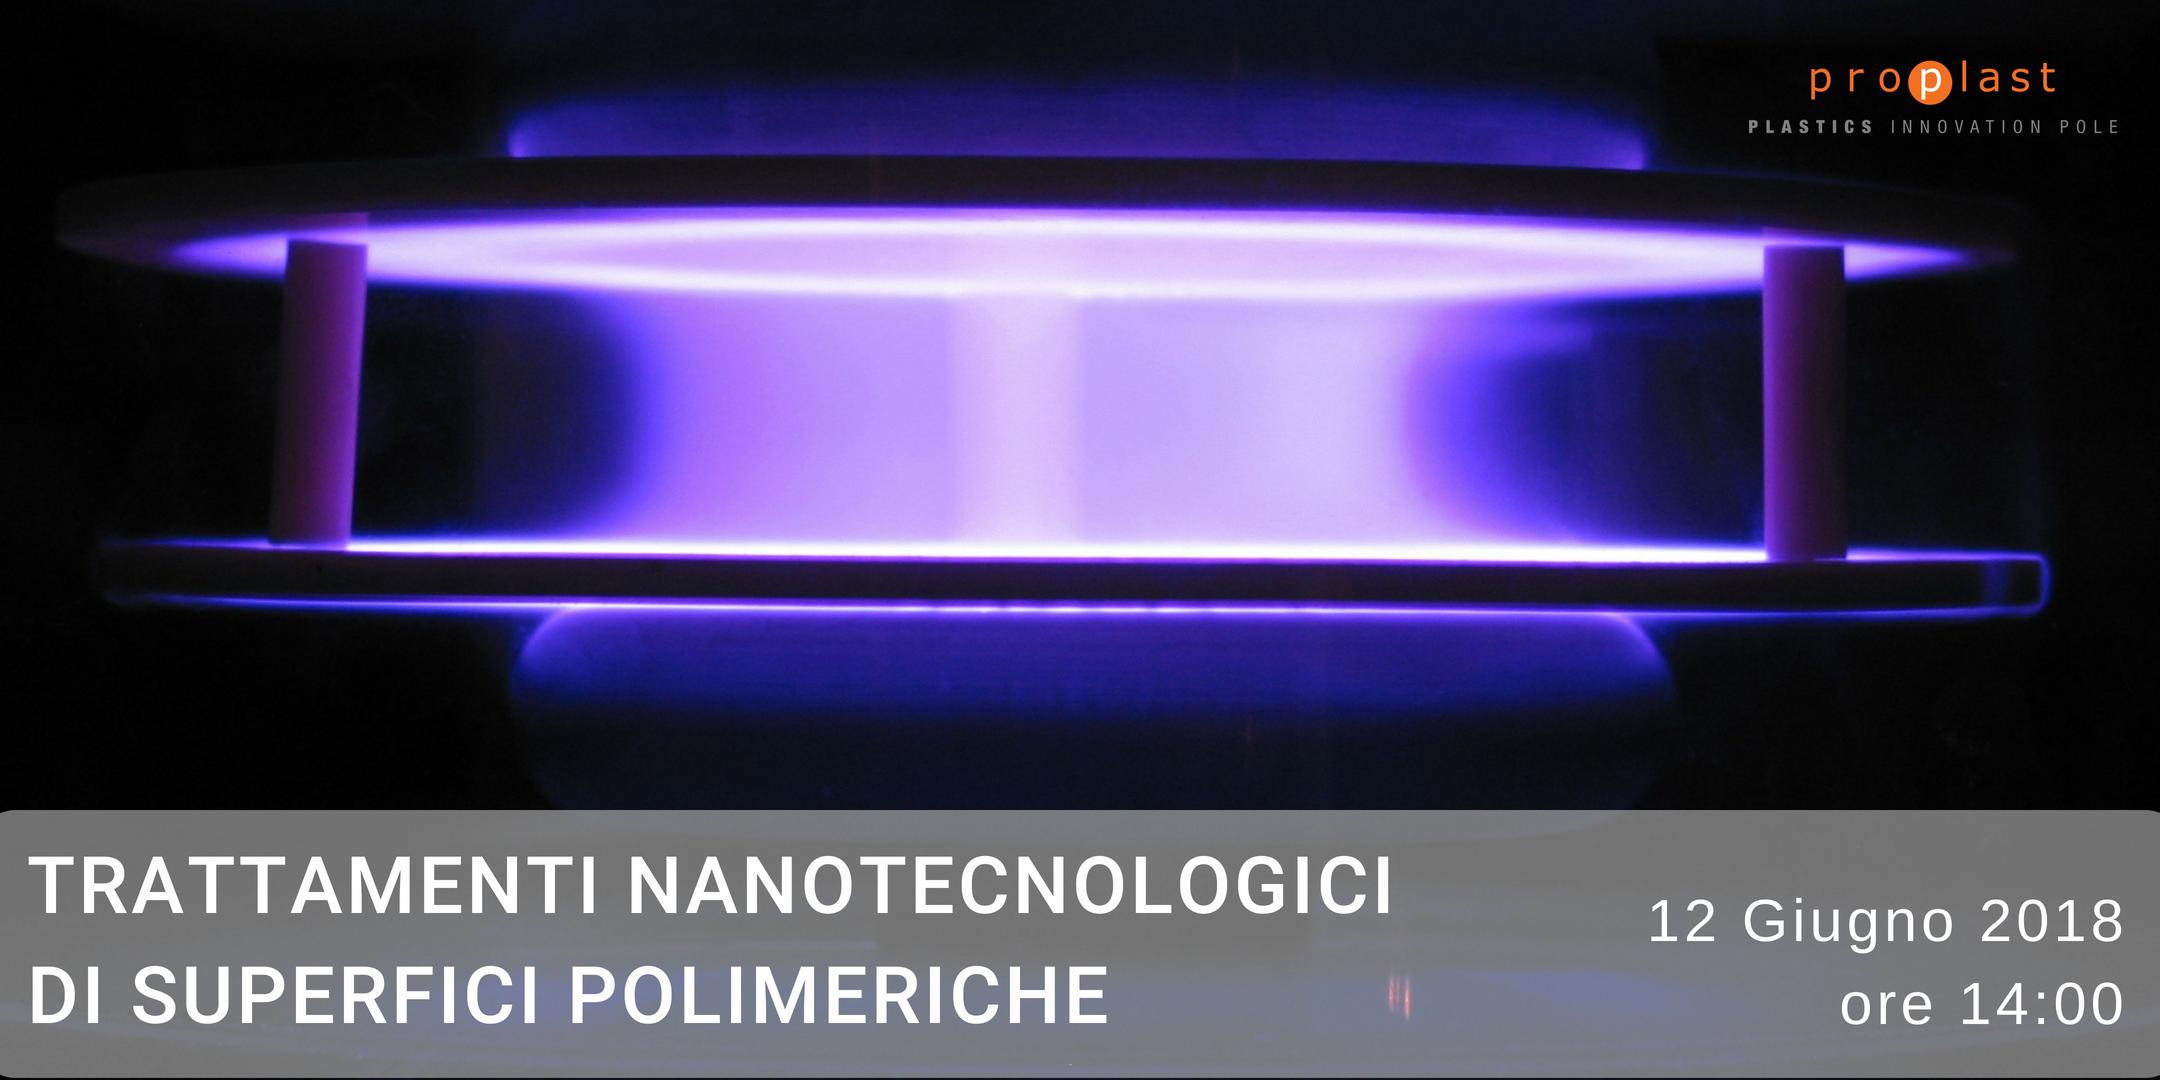 Trattamenti nanotecnologici di superfici polimeriche